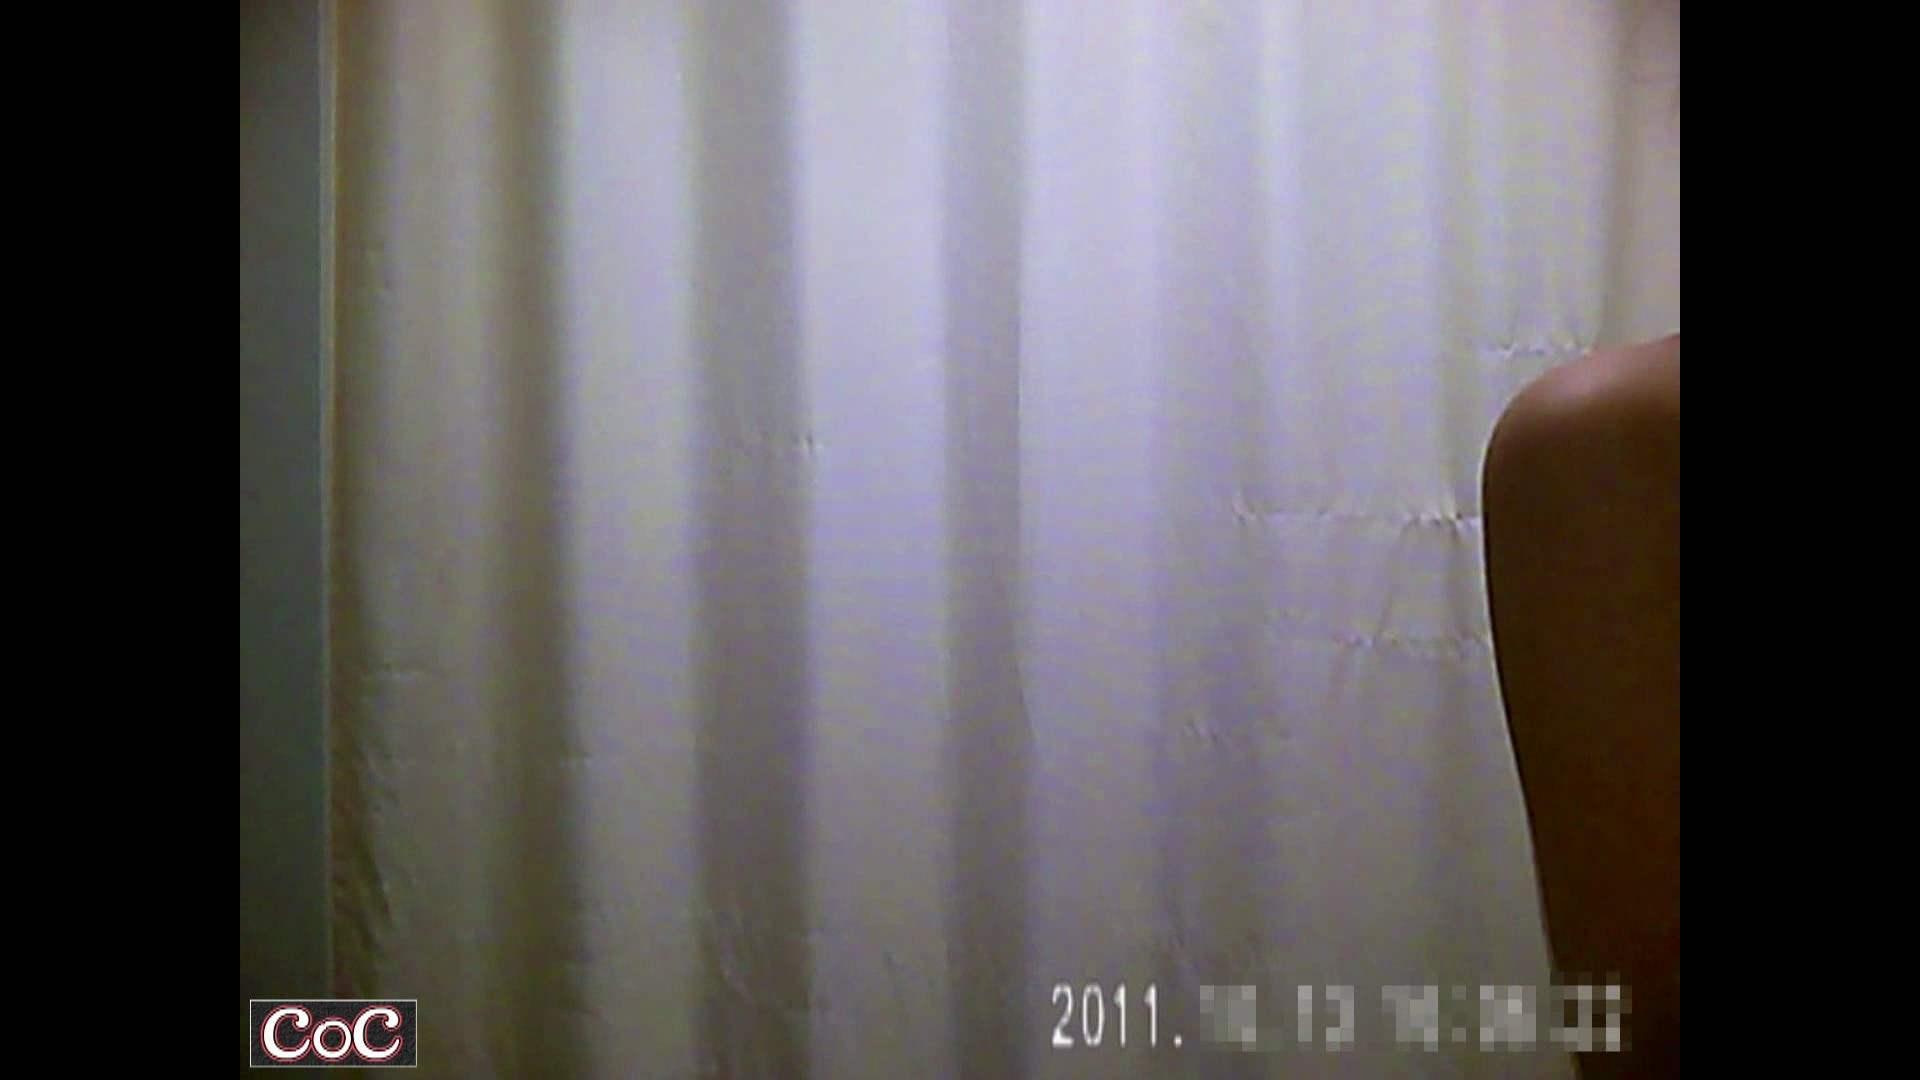 病院おもいっきり着替え! vol.58 盗撮師作品 AV動画キャプチャ 102pic 10